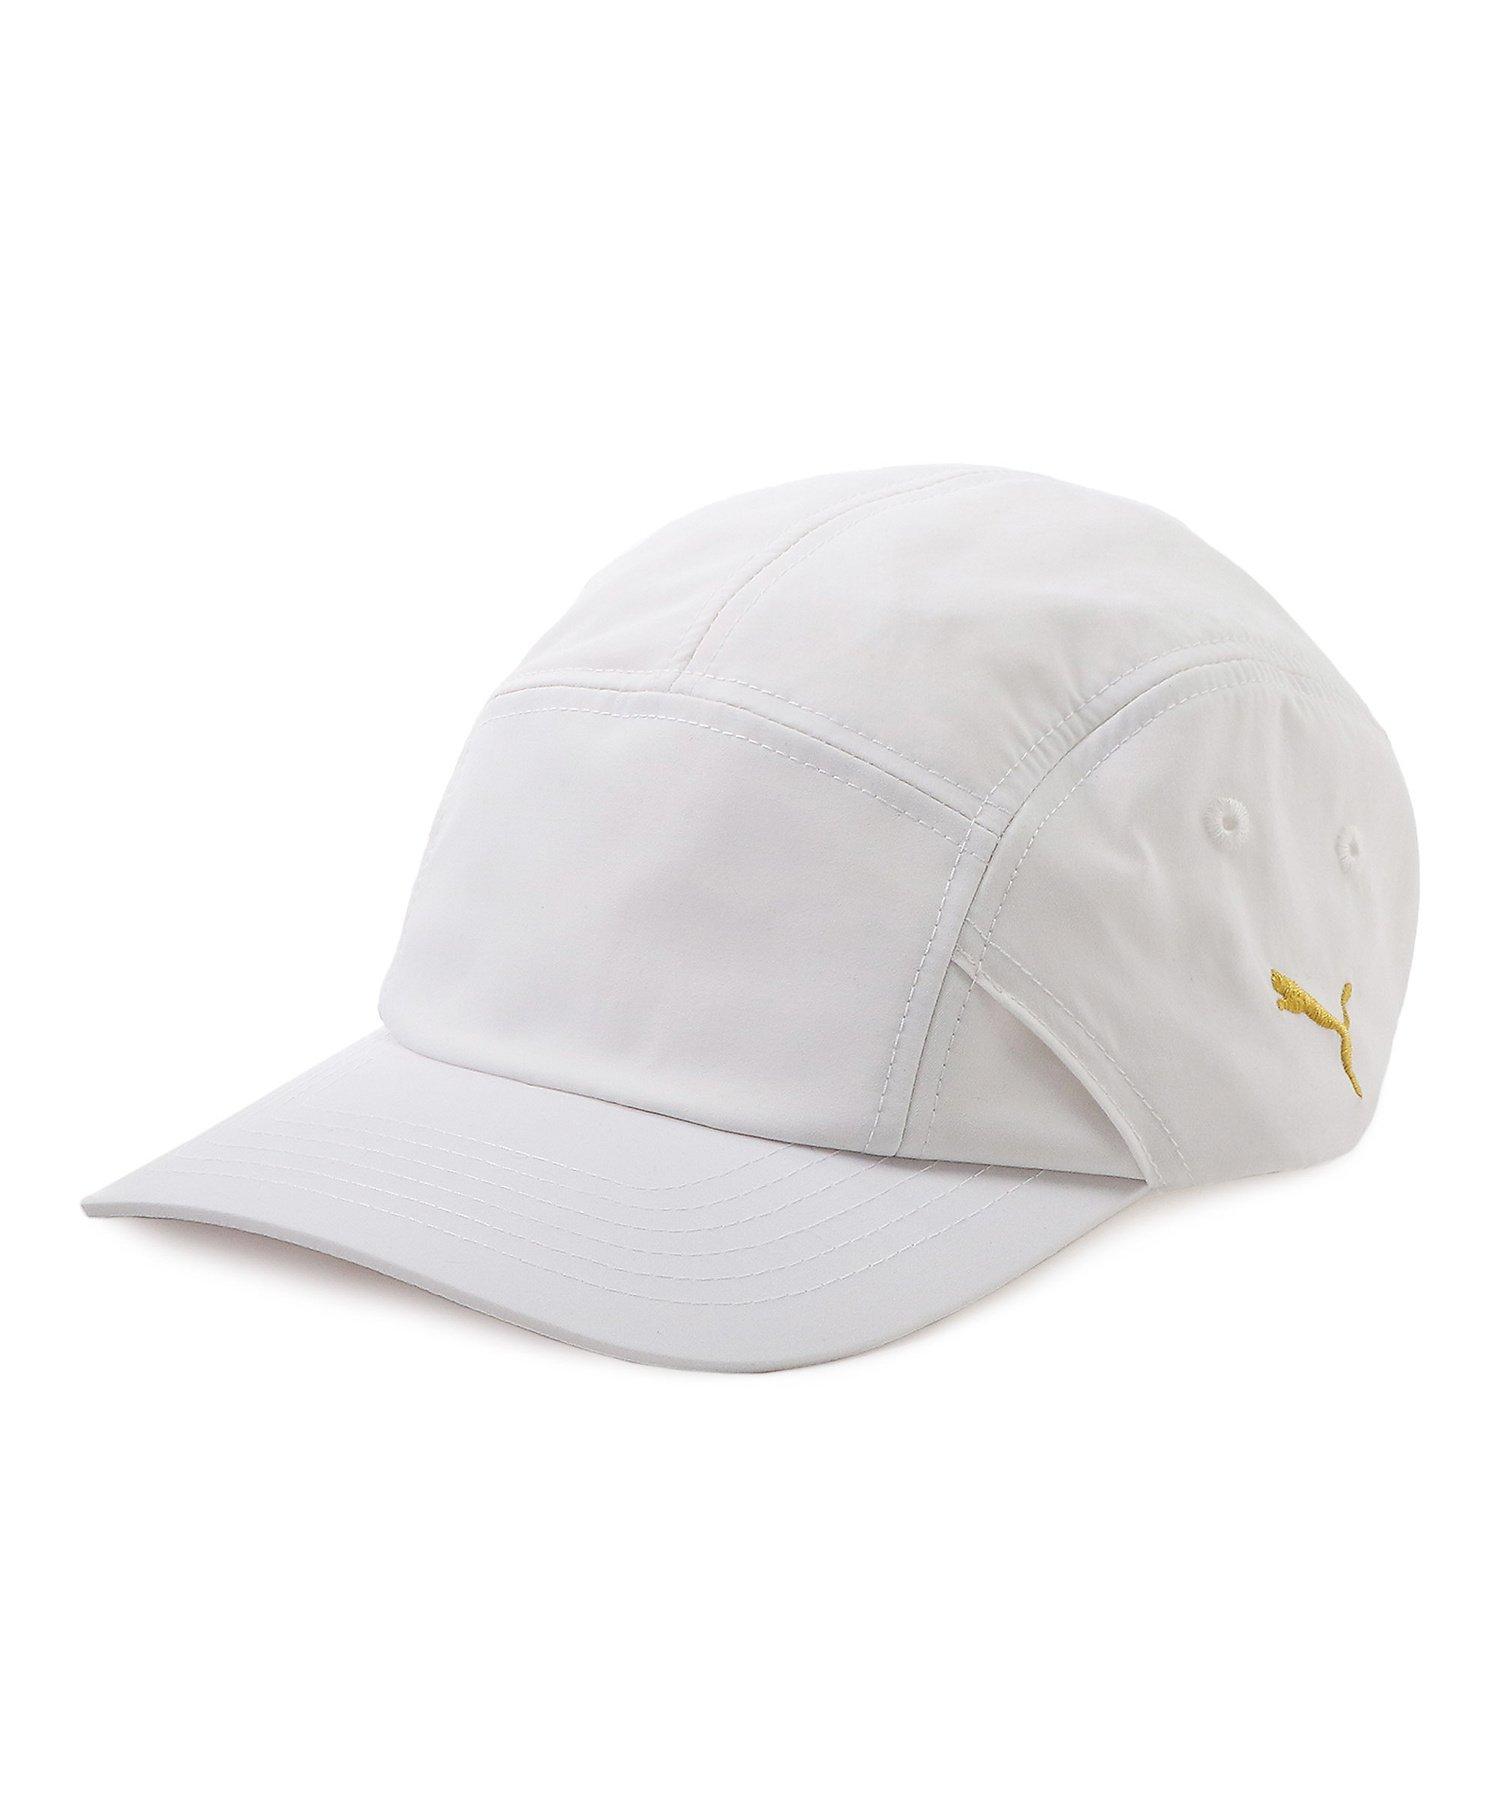 メンズ帽子, キャップ PUMA